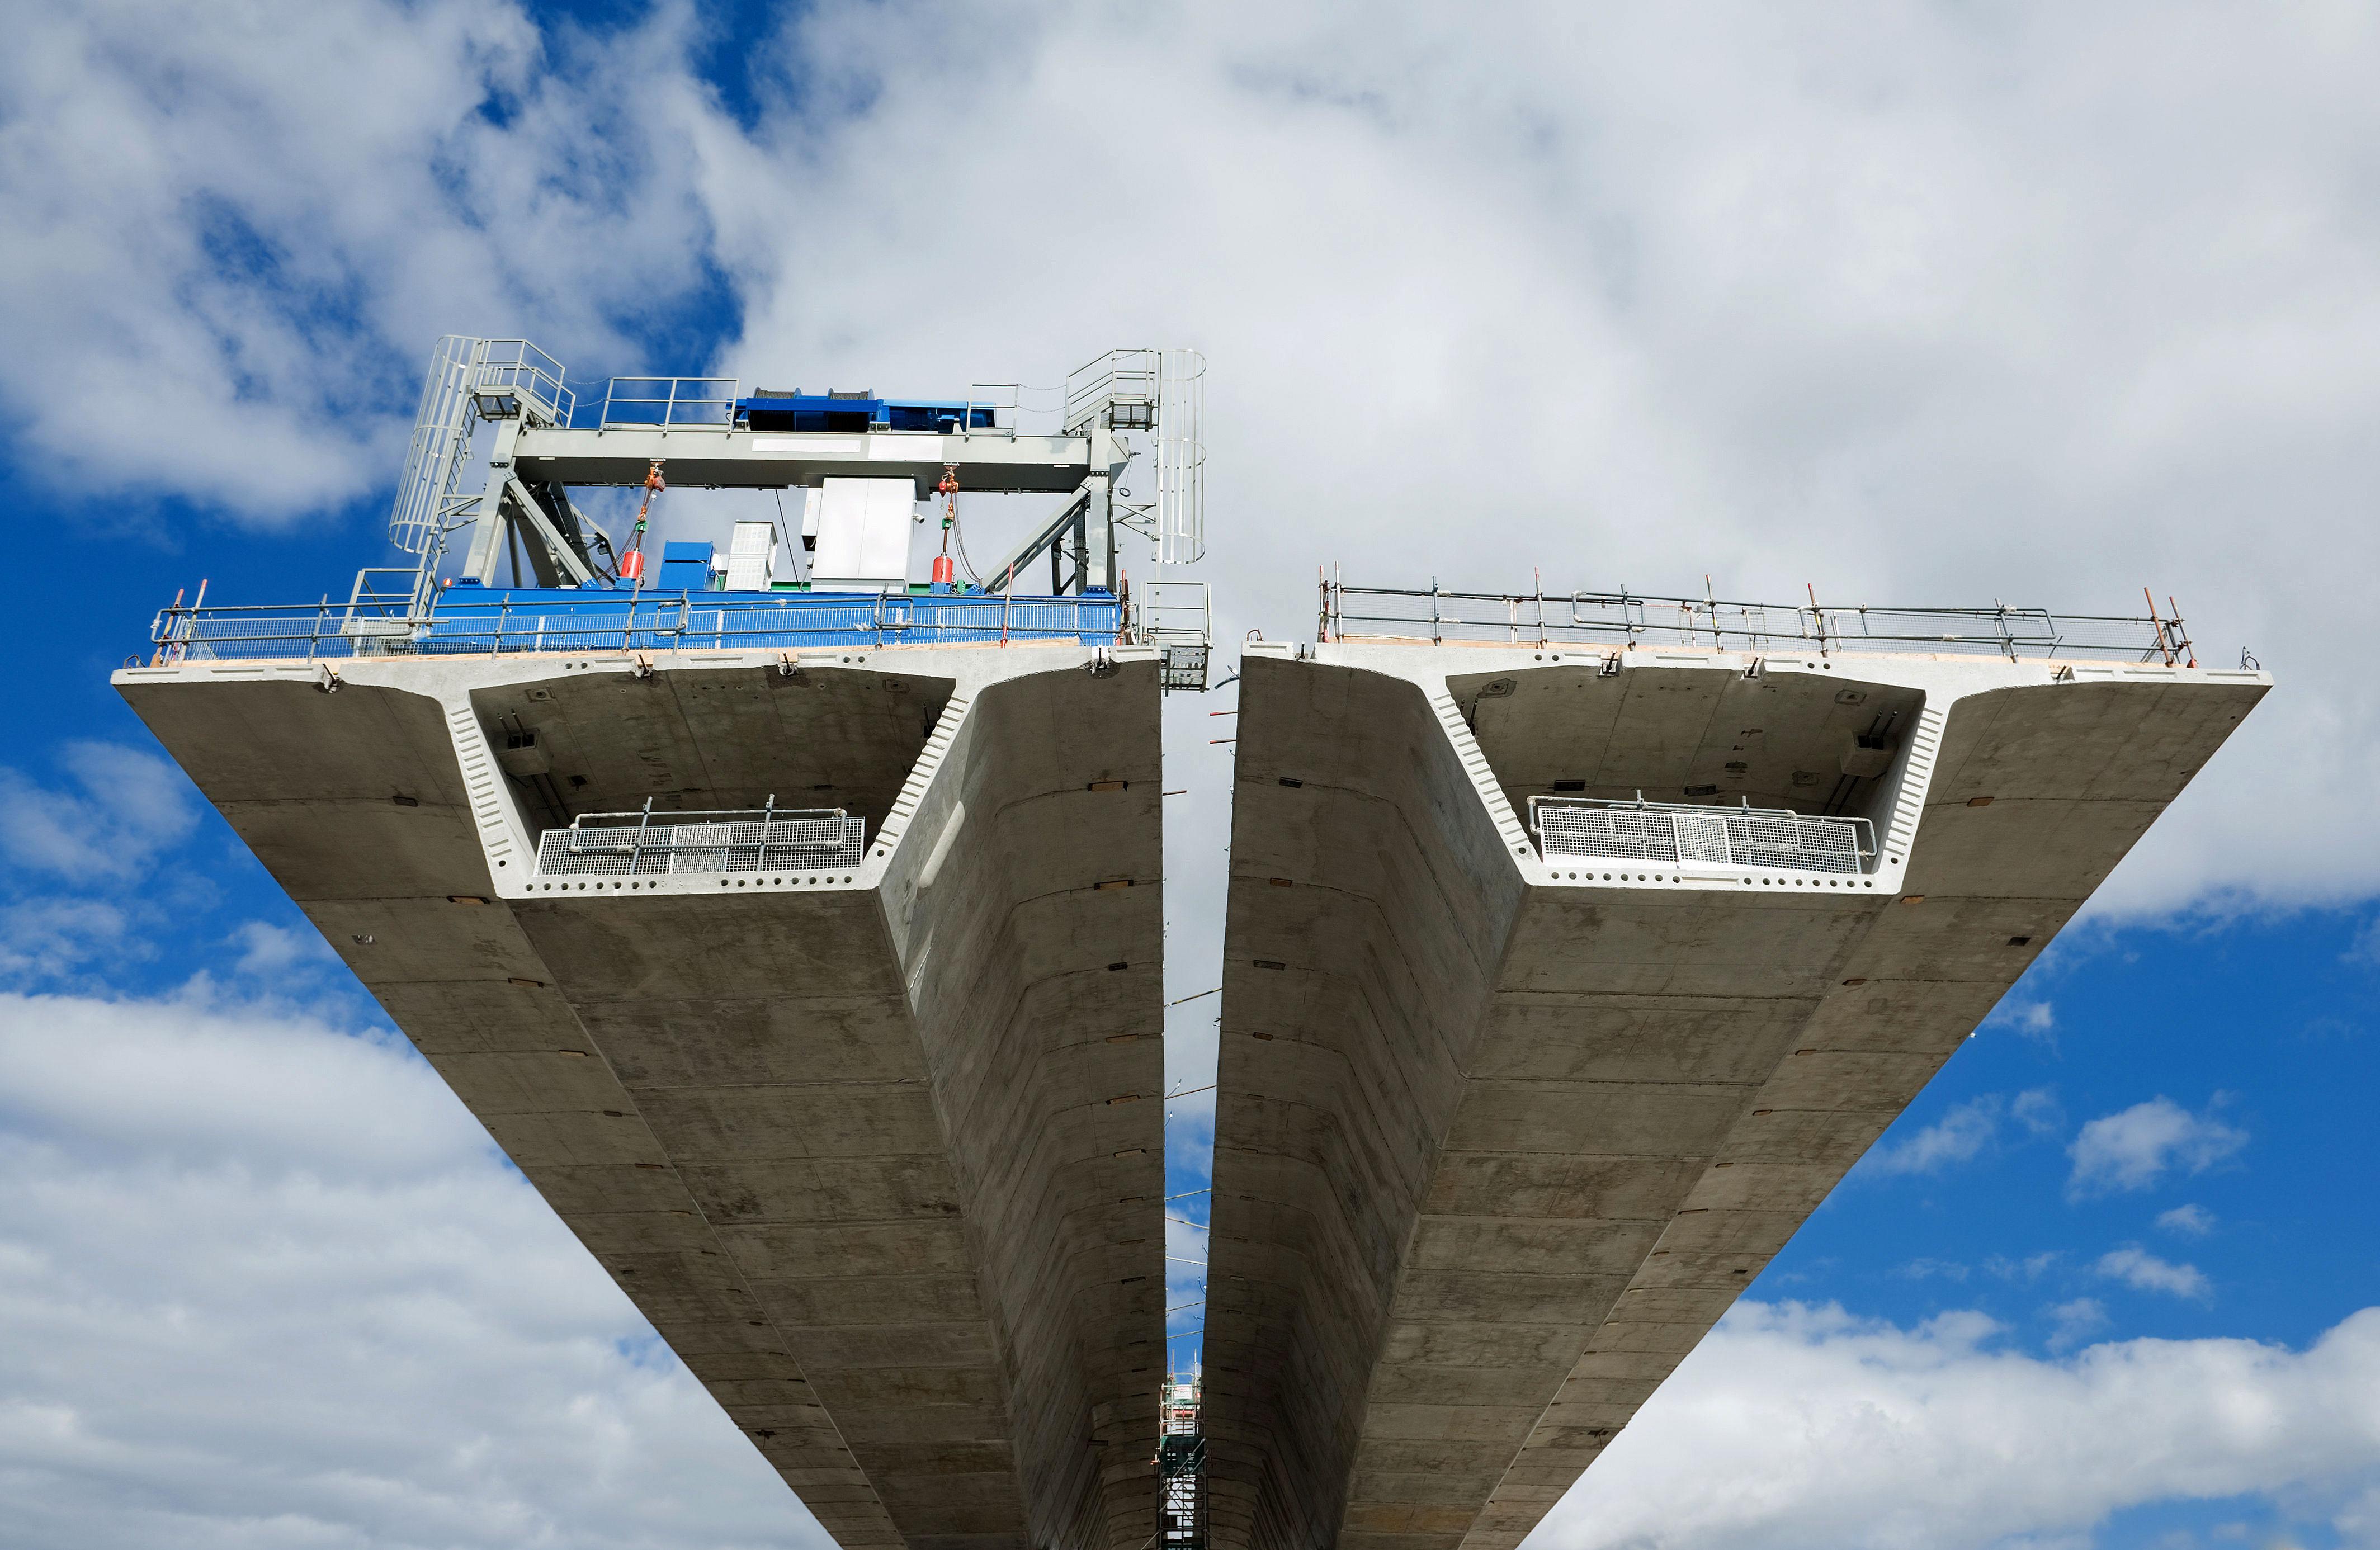 No entender do governo federal, grandes projetos nacionais vão precisar de construtoras estrangeiras para tocá-los